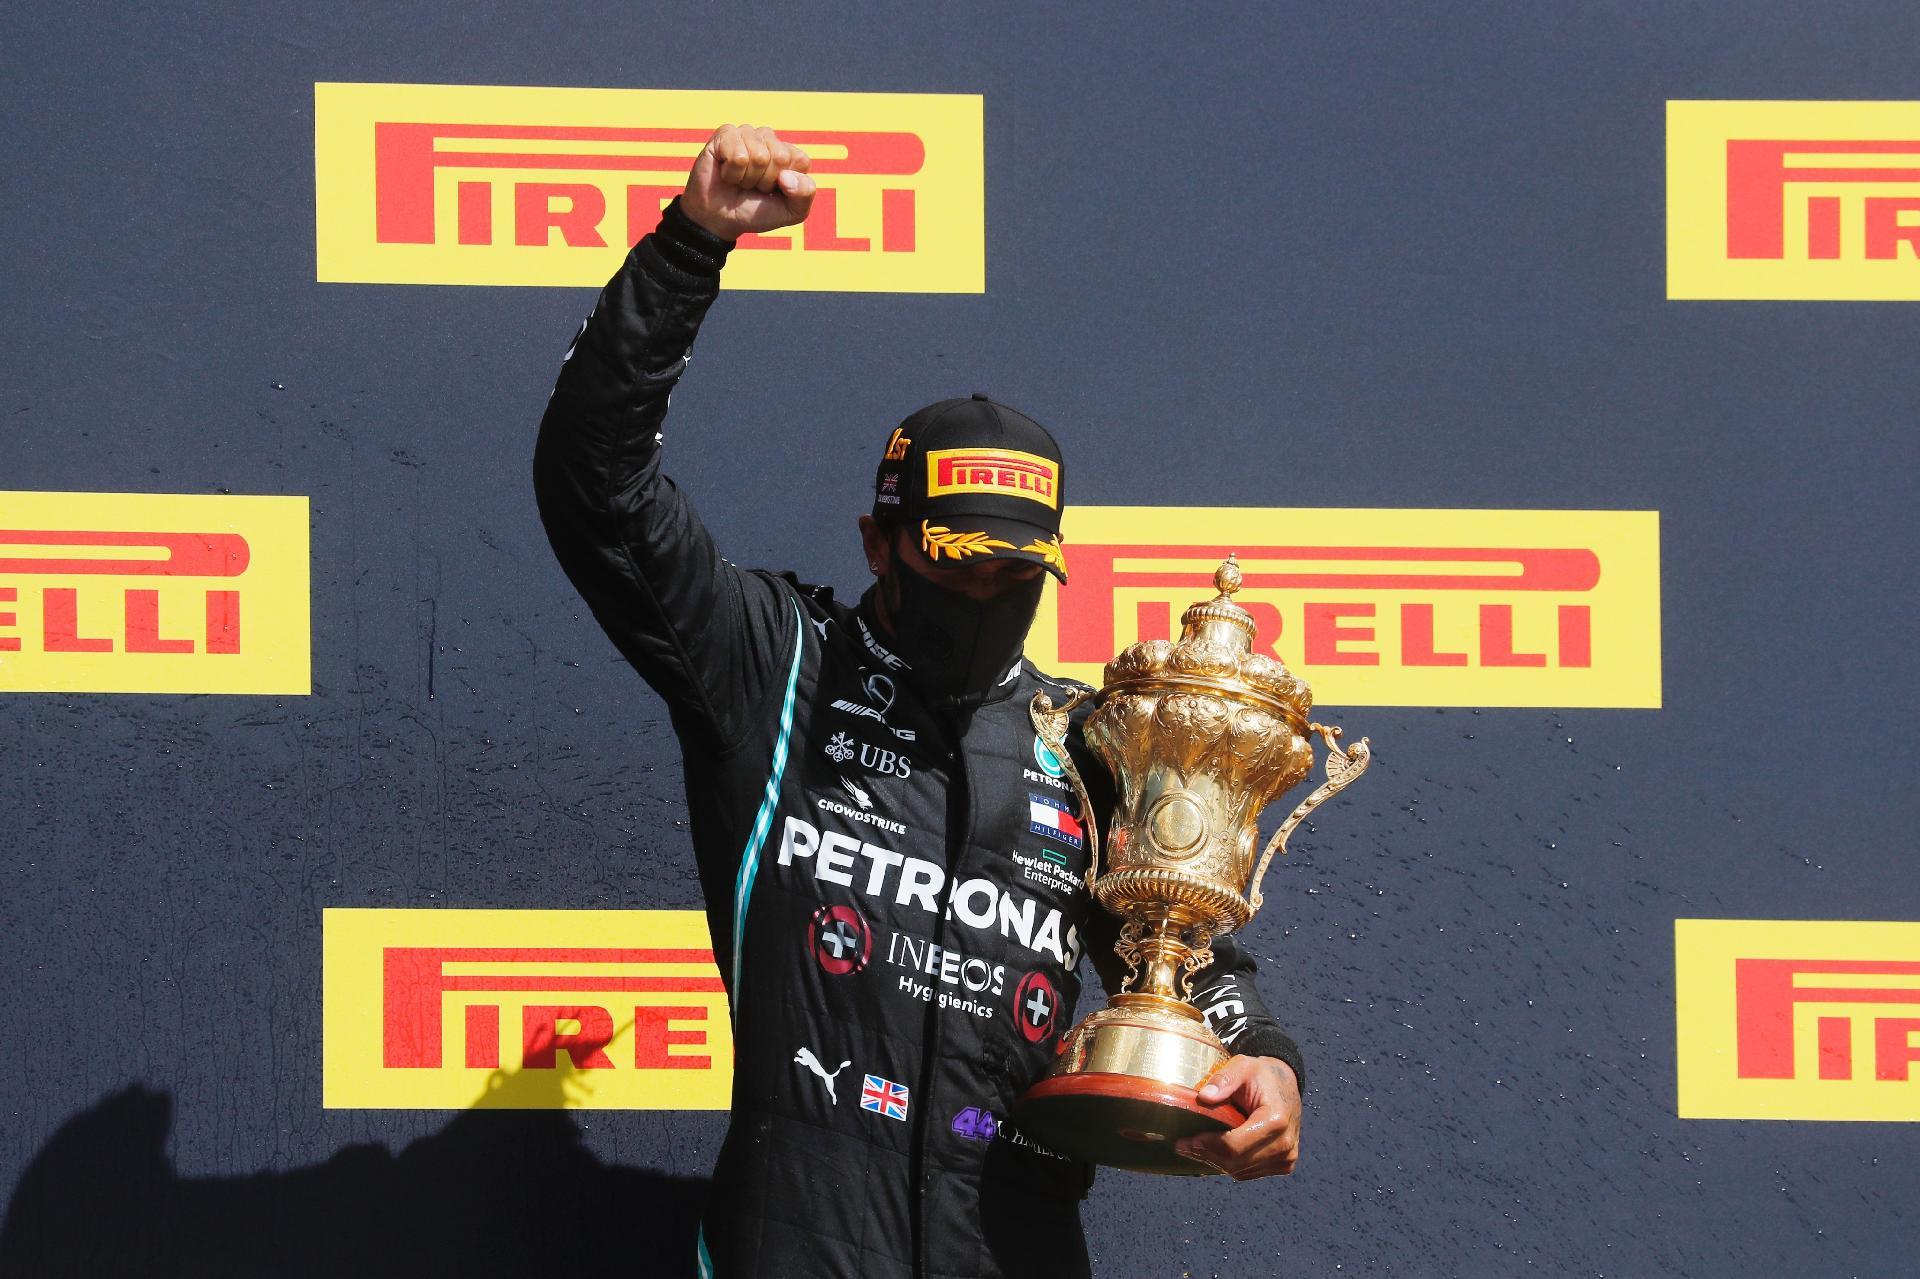 Lewis Hamilton comemora a vitória no Grande Prêmio da Inglaterra em Silverstone - Frank Augstein / Pool via Getty Images